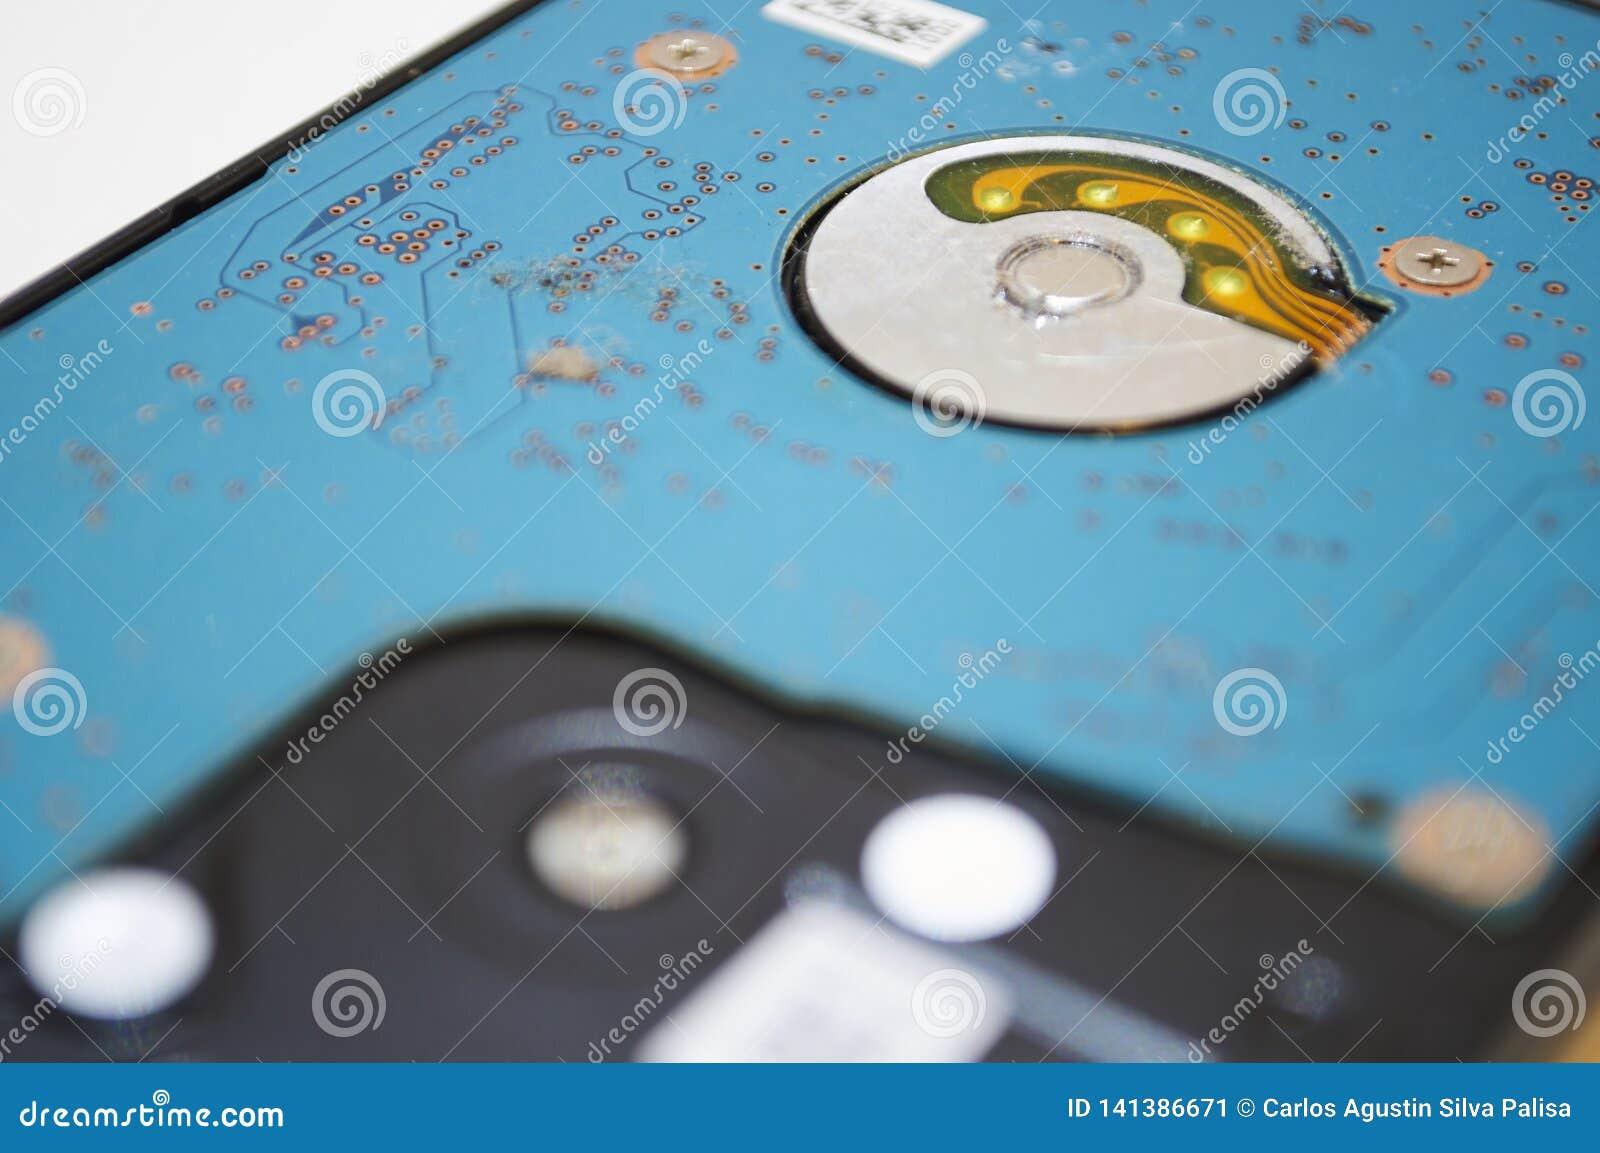 Жесткий диск ремонтных услуг настольного компьютера ПК в белом макросе предпосылки подробно